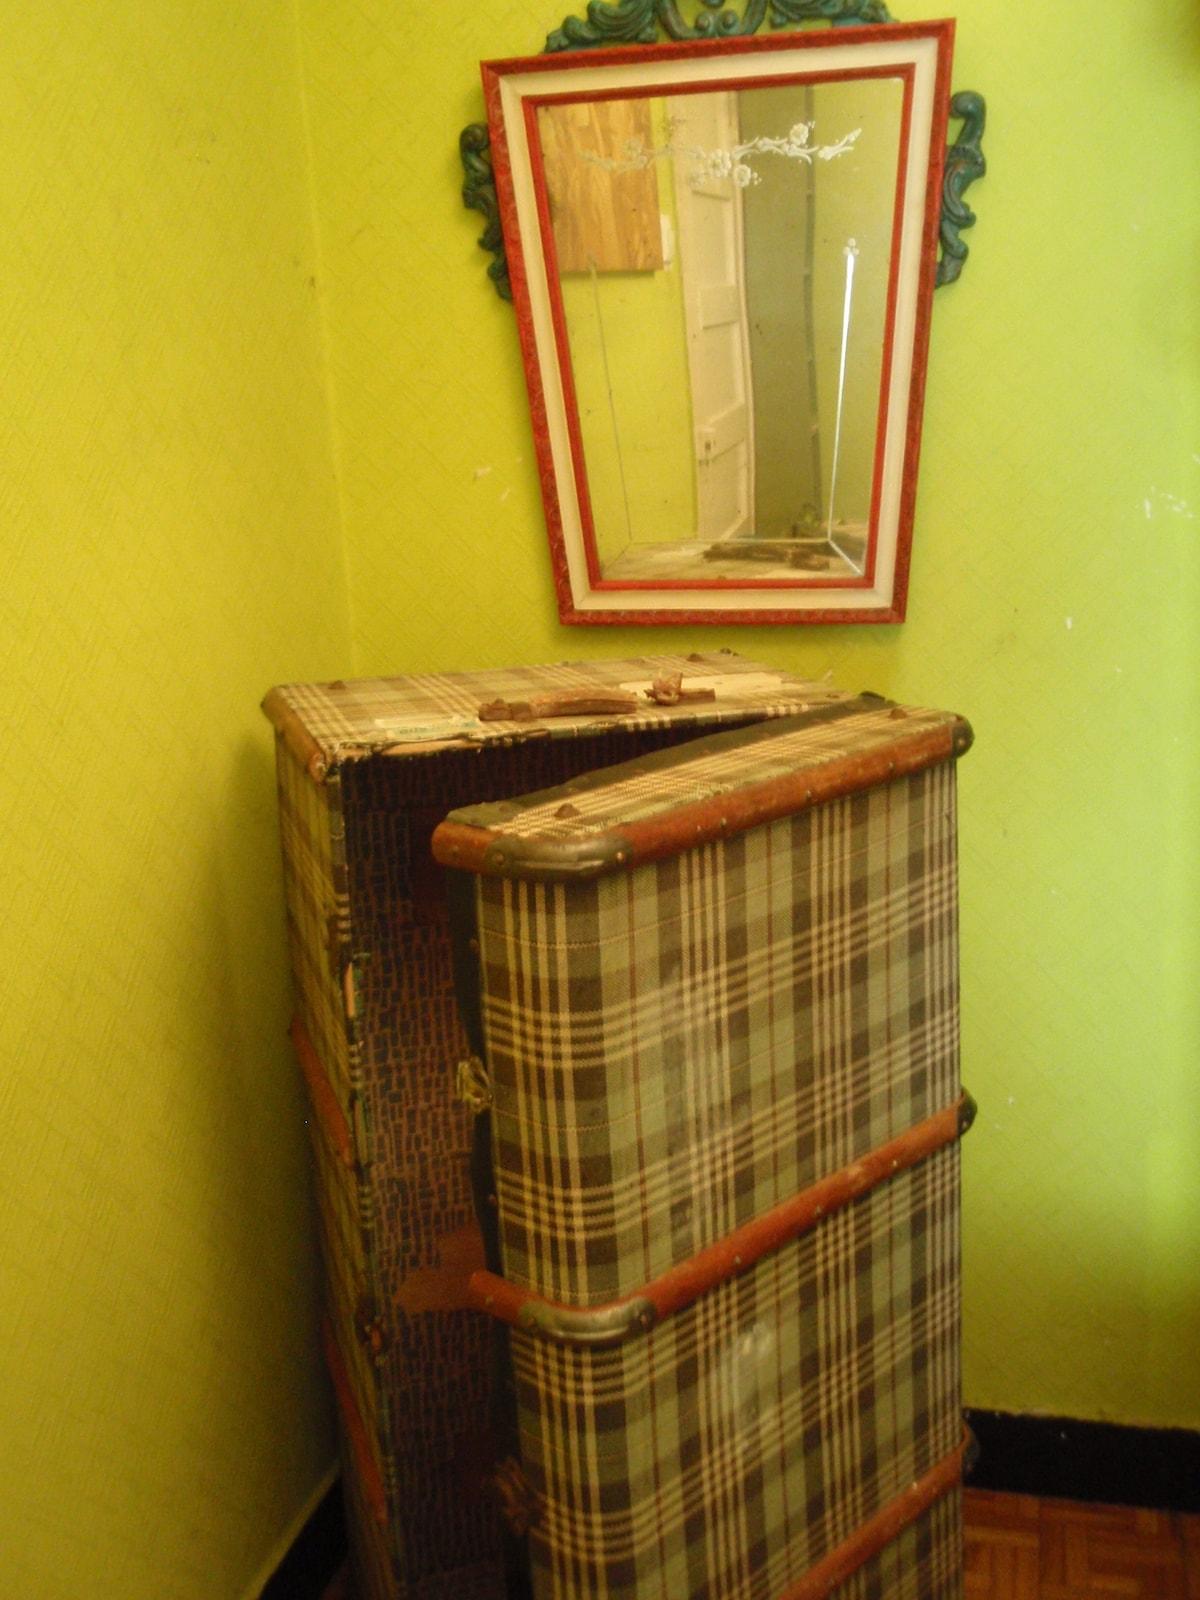 Baúl trans-oceánico, reconvertido en armario para el viajero y espejo veneciano antiguo.